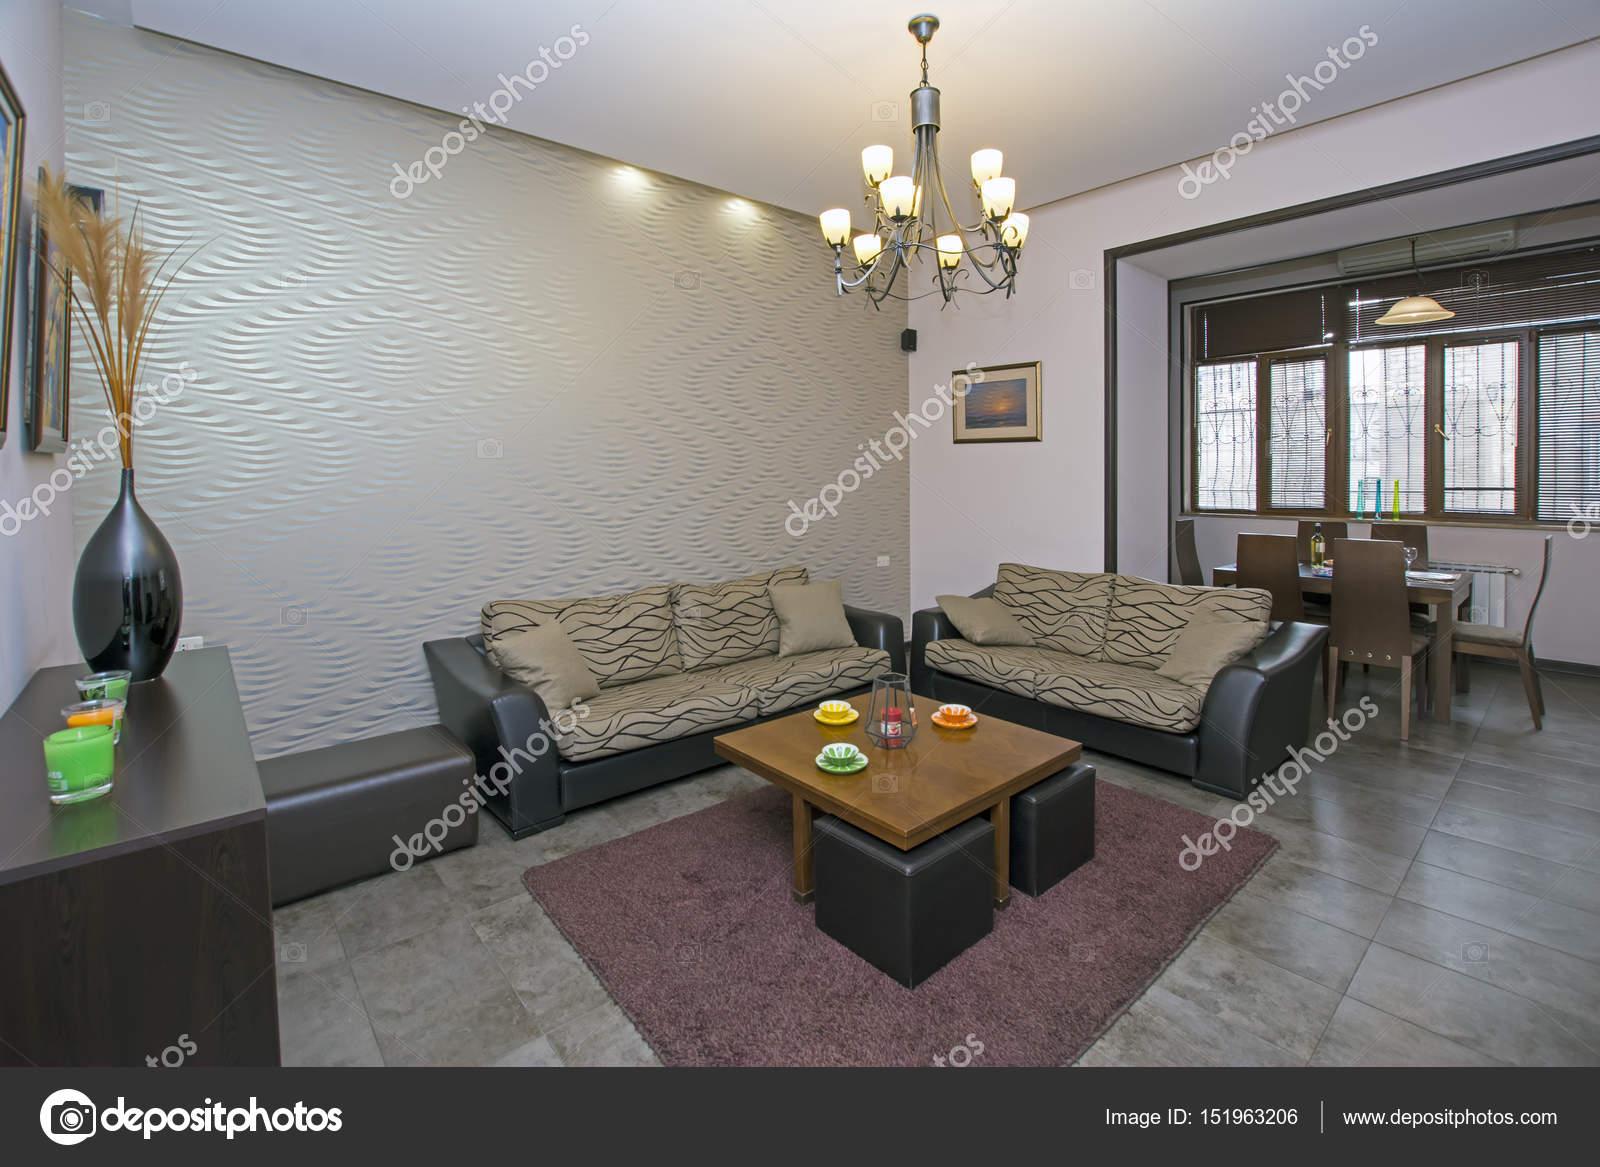 Ein modernes Apartment-Wohnzimmer. Luxus-Wohnung mit stilvollen ...